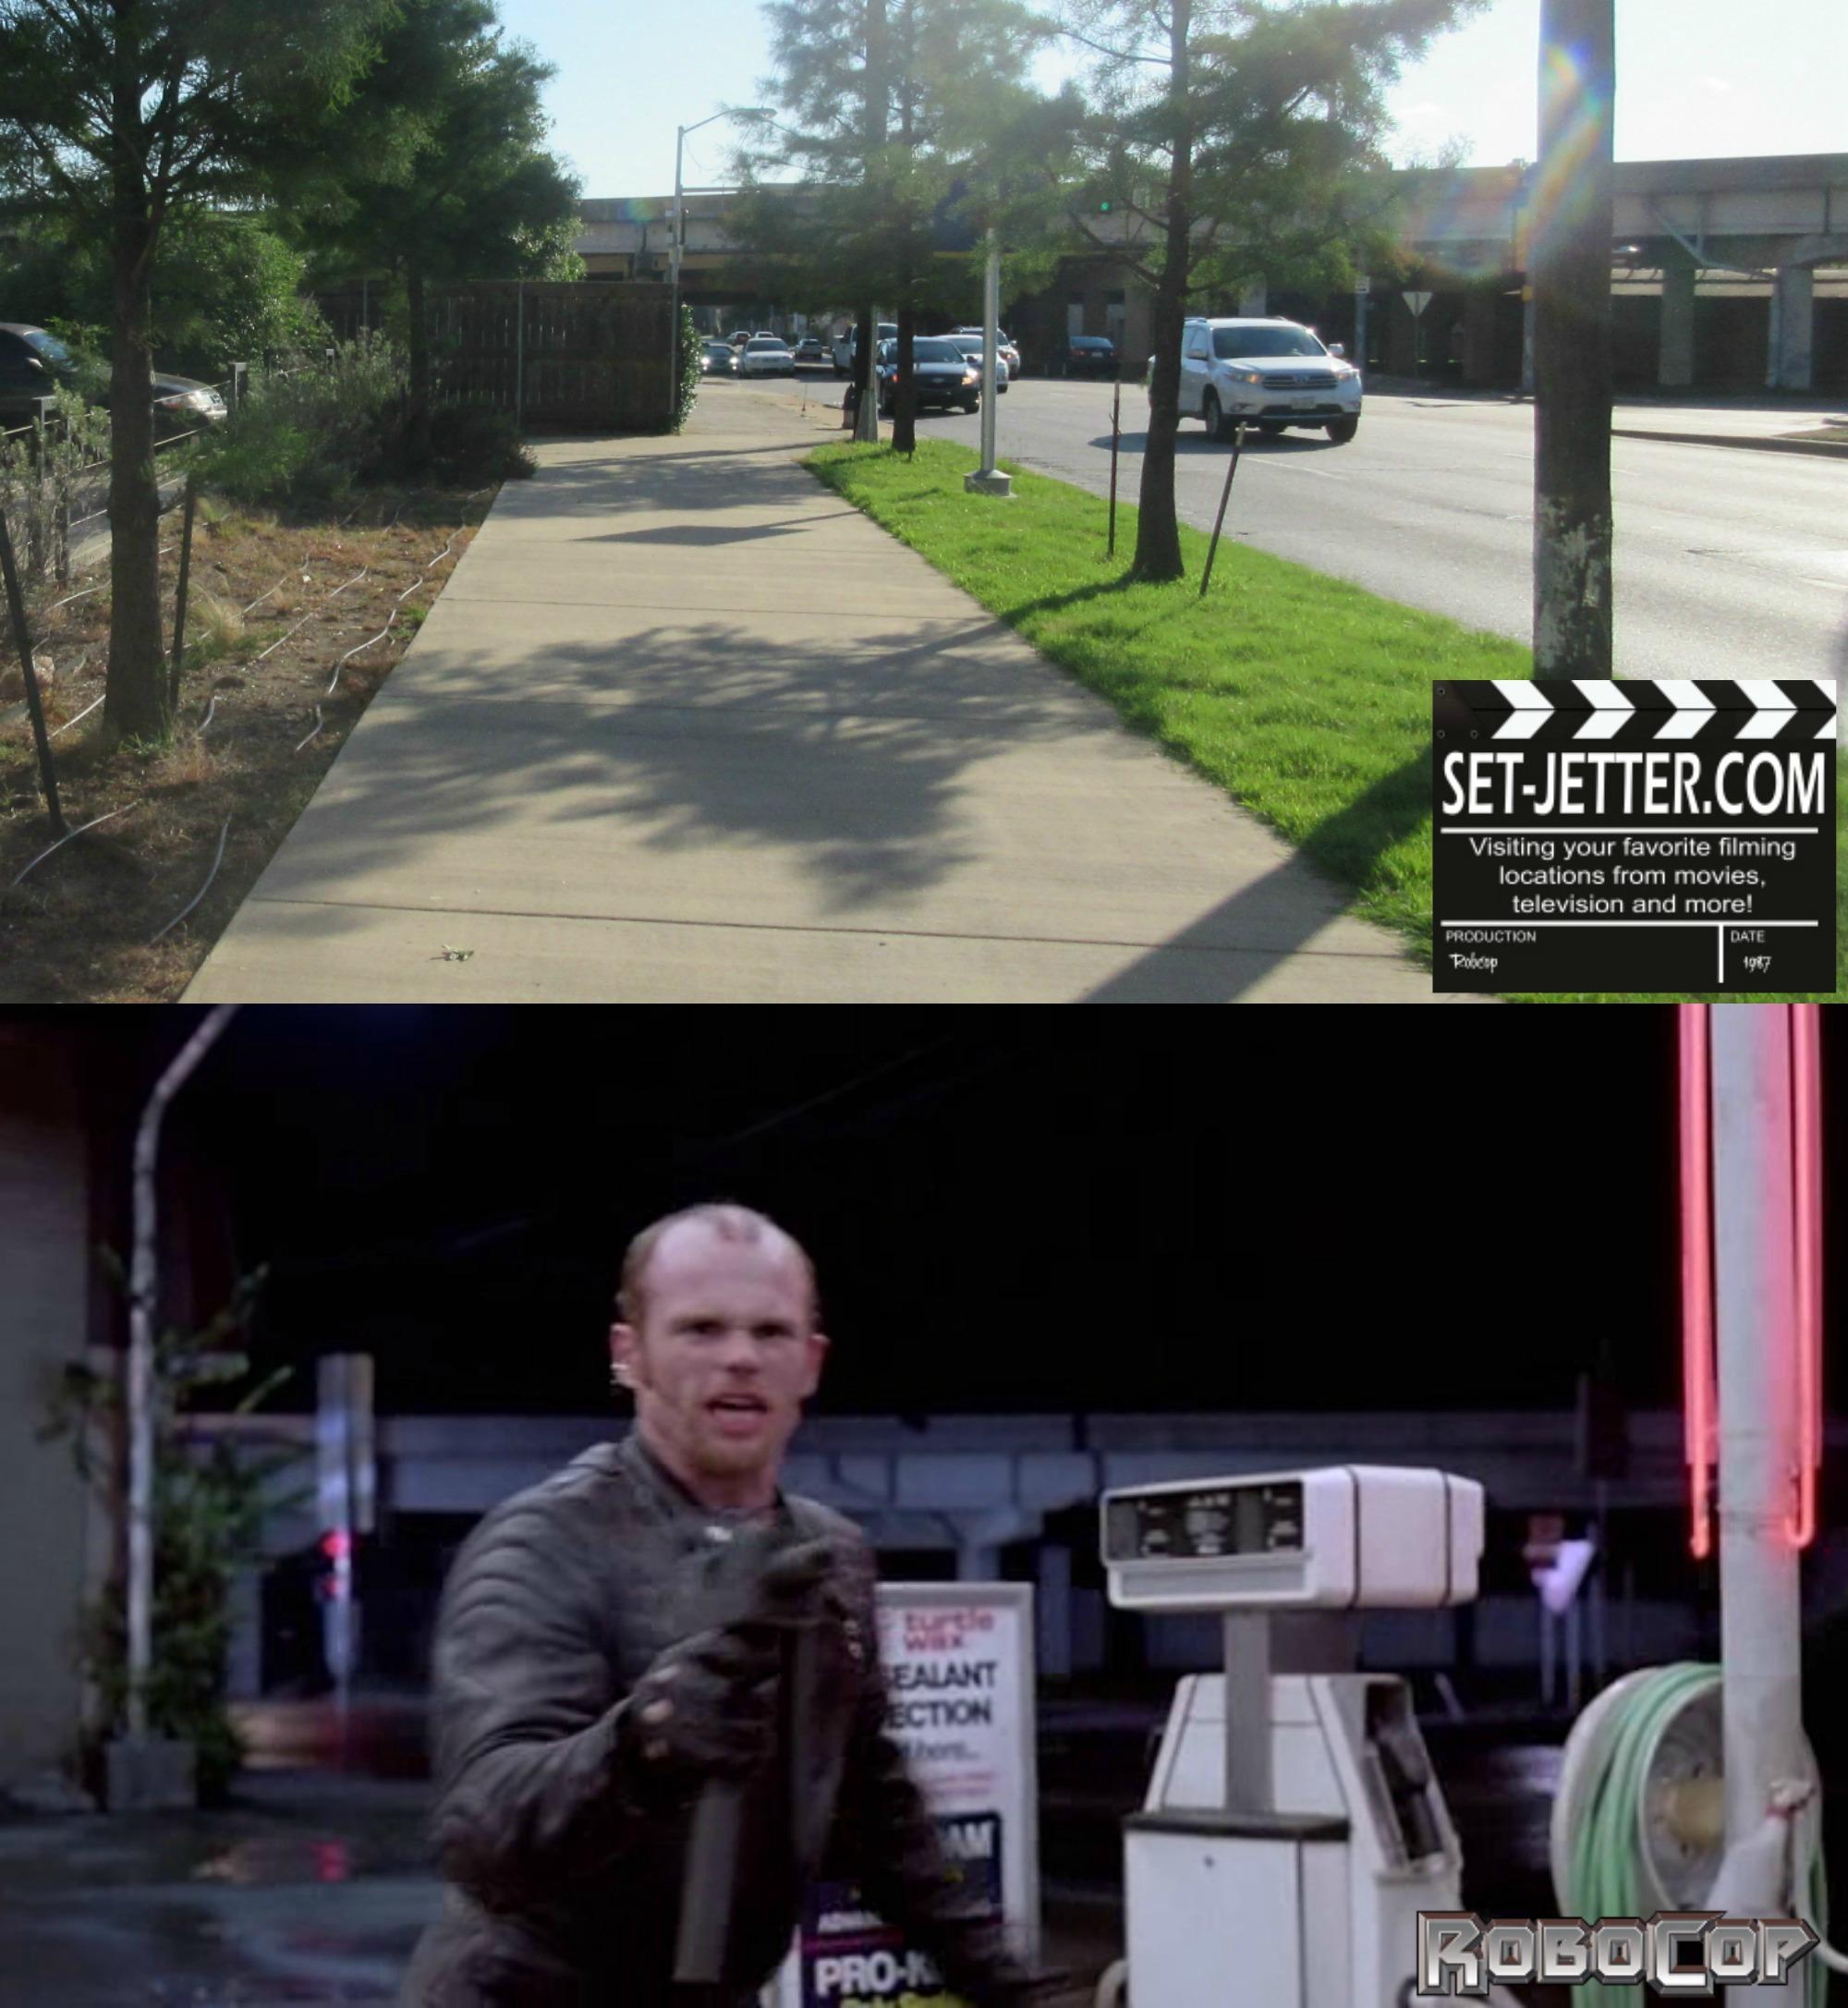 Robocop comparison 96.jpg